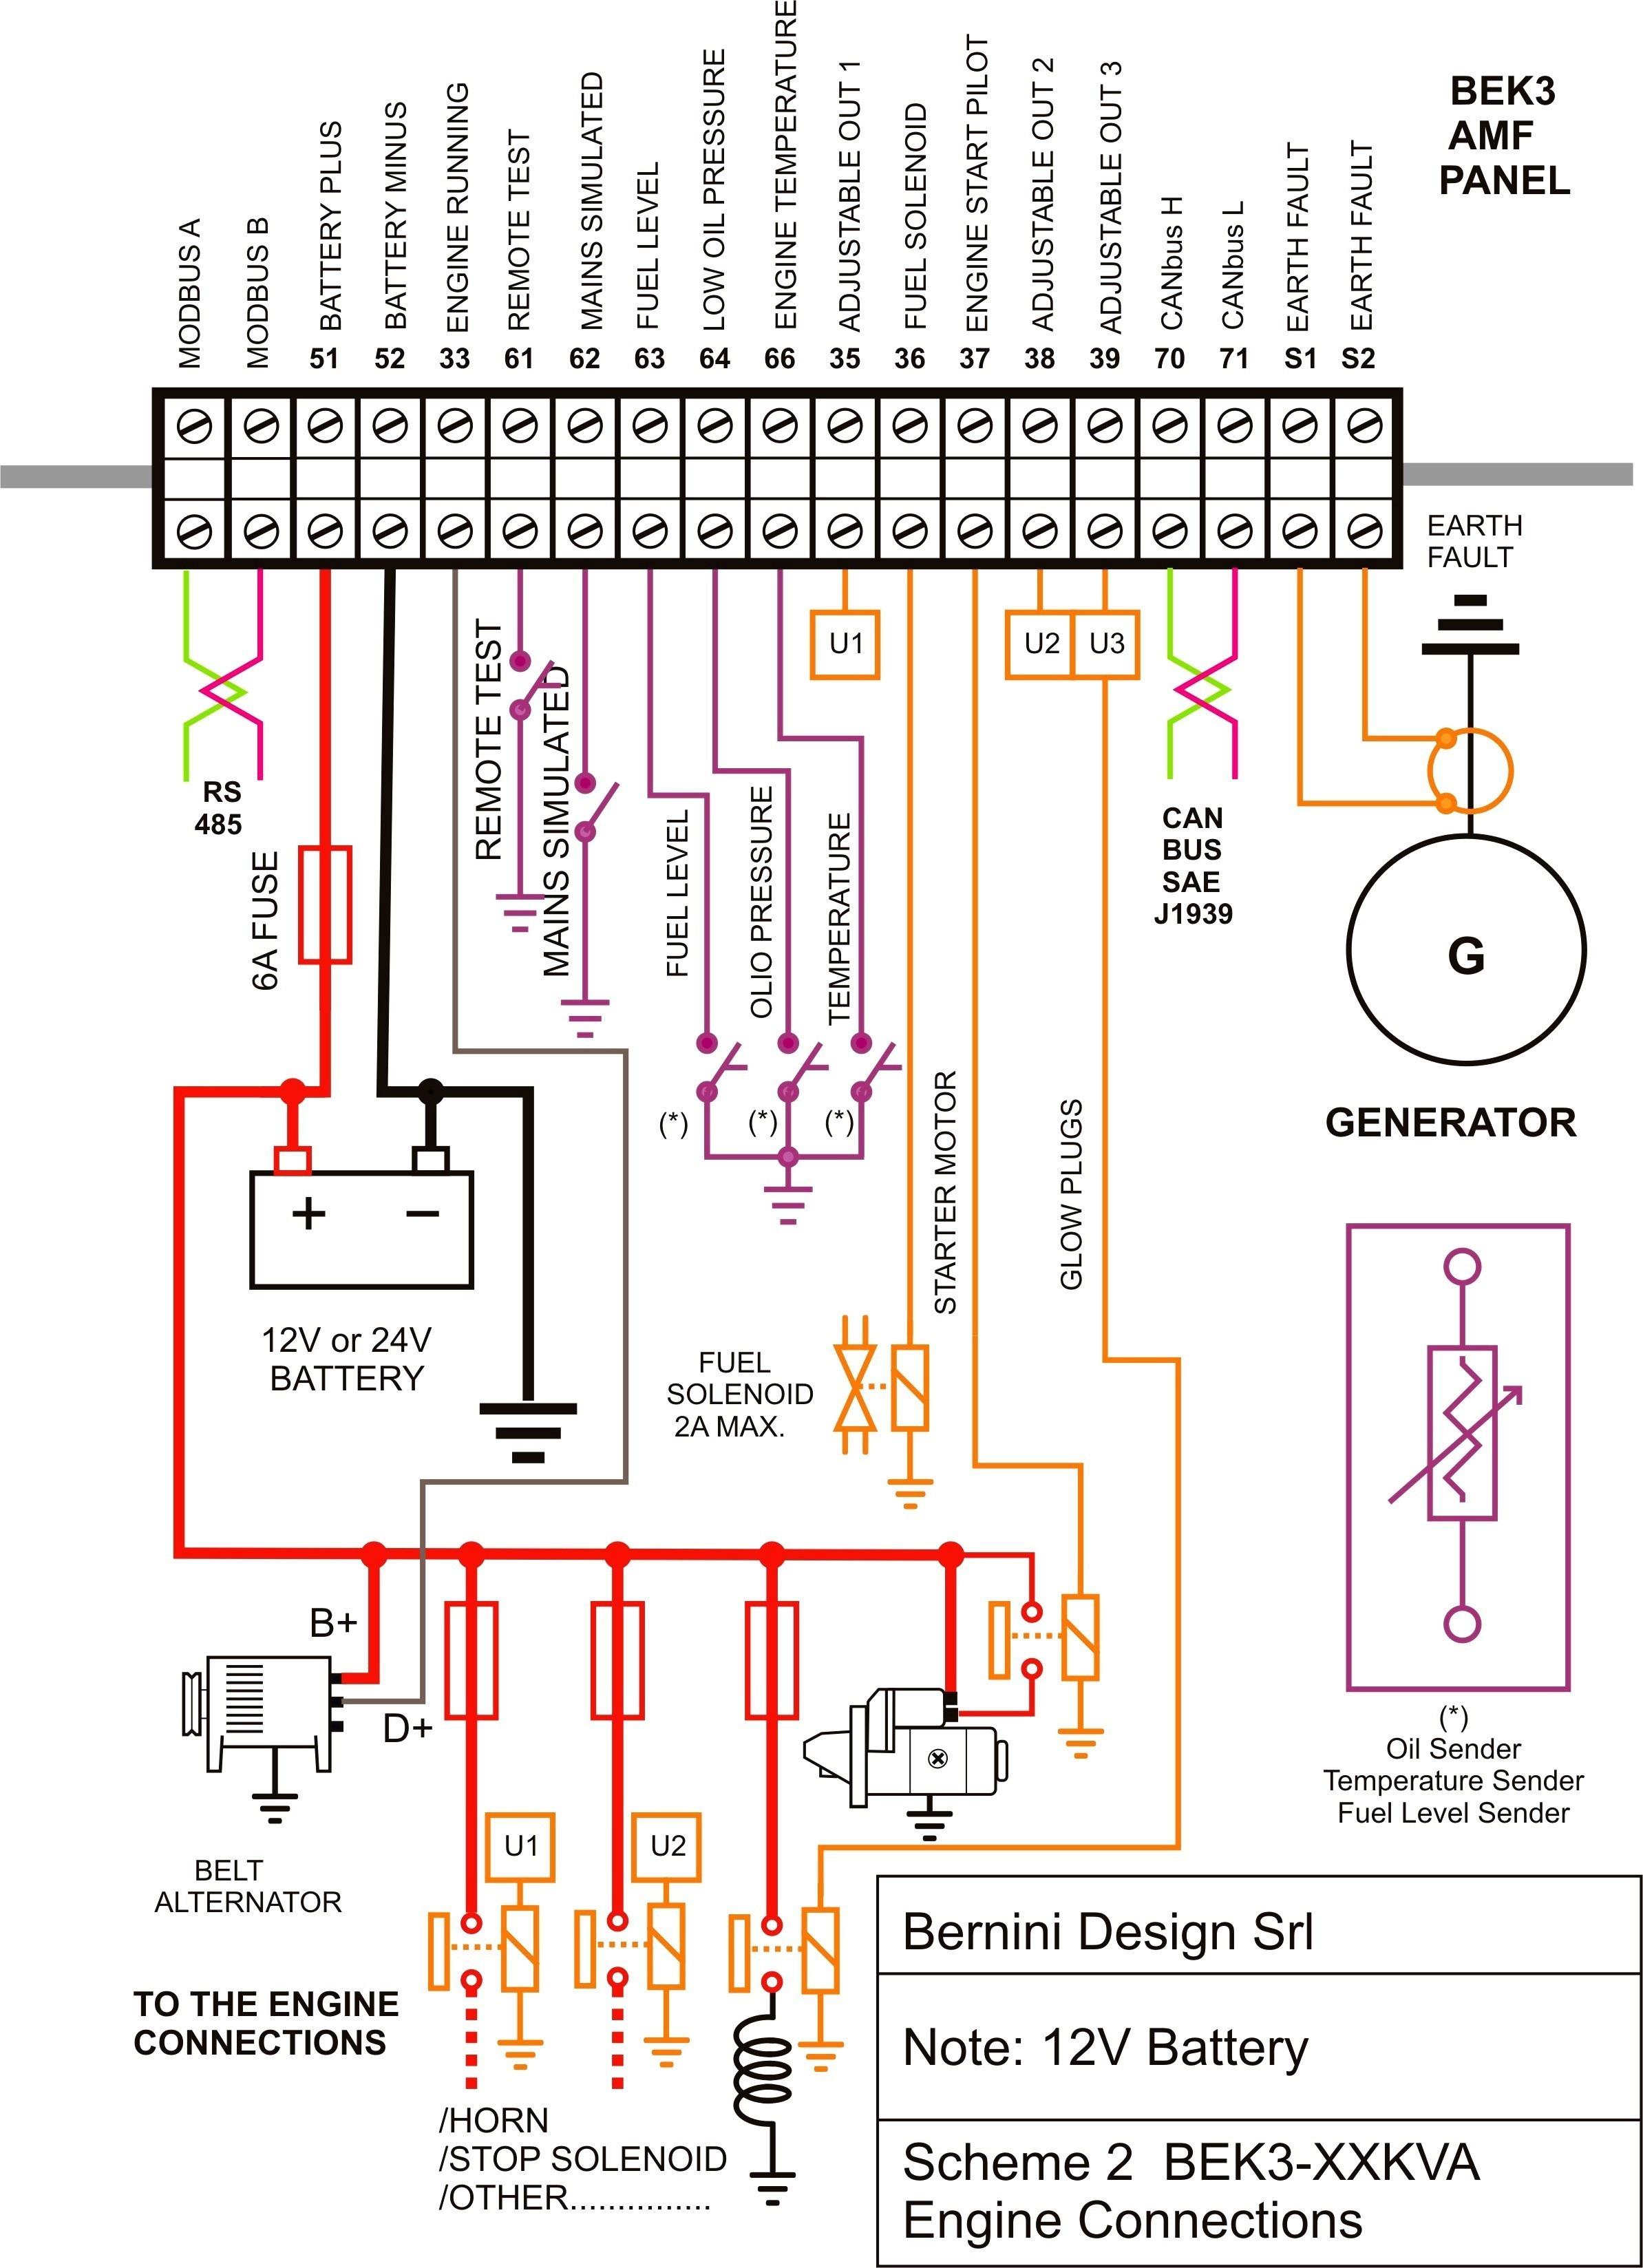 Pyle In Dash Wiring Diagram Wiring Diagrams Data Base Pyle Backup Camera  Wiring Diagram 7500